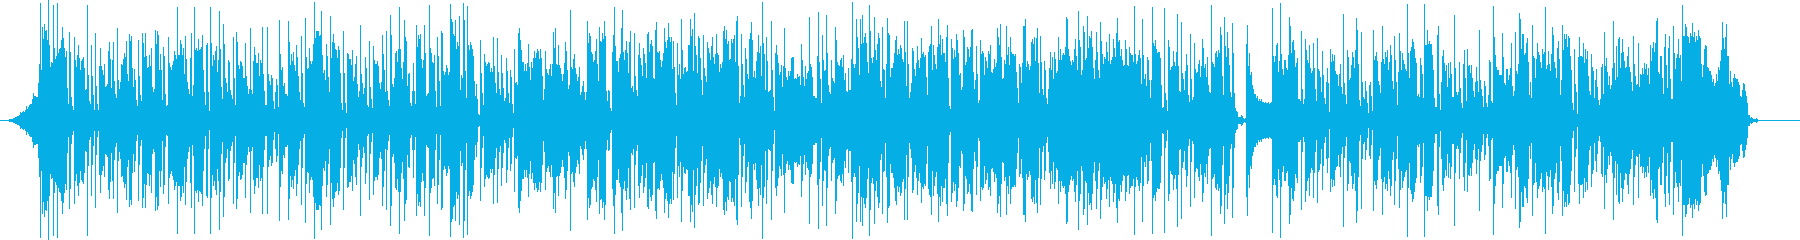 ファンキーなスラップベースの再生済みの波形